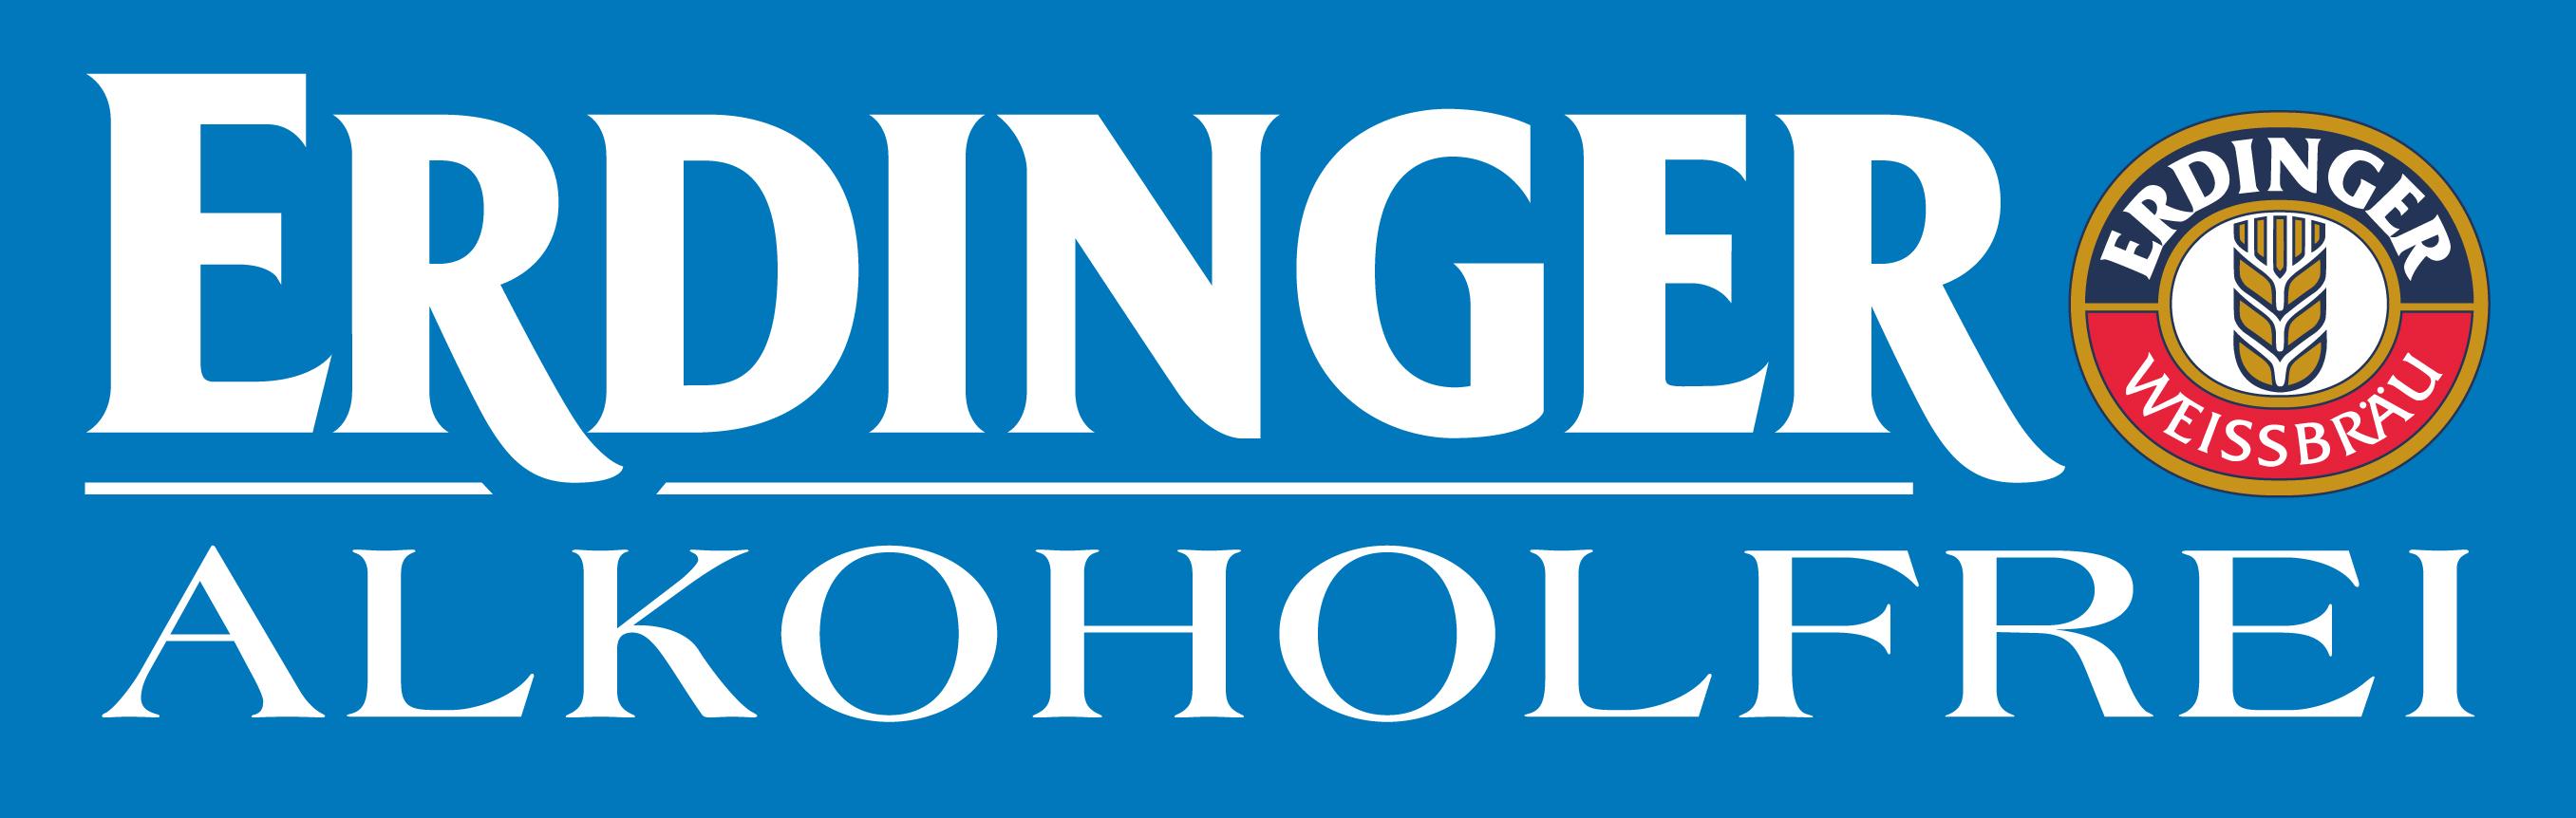 logo_erdinger_alkoholfrei